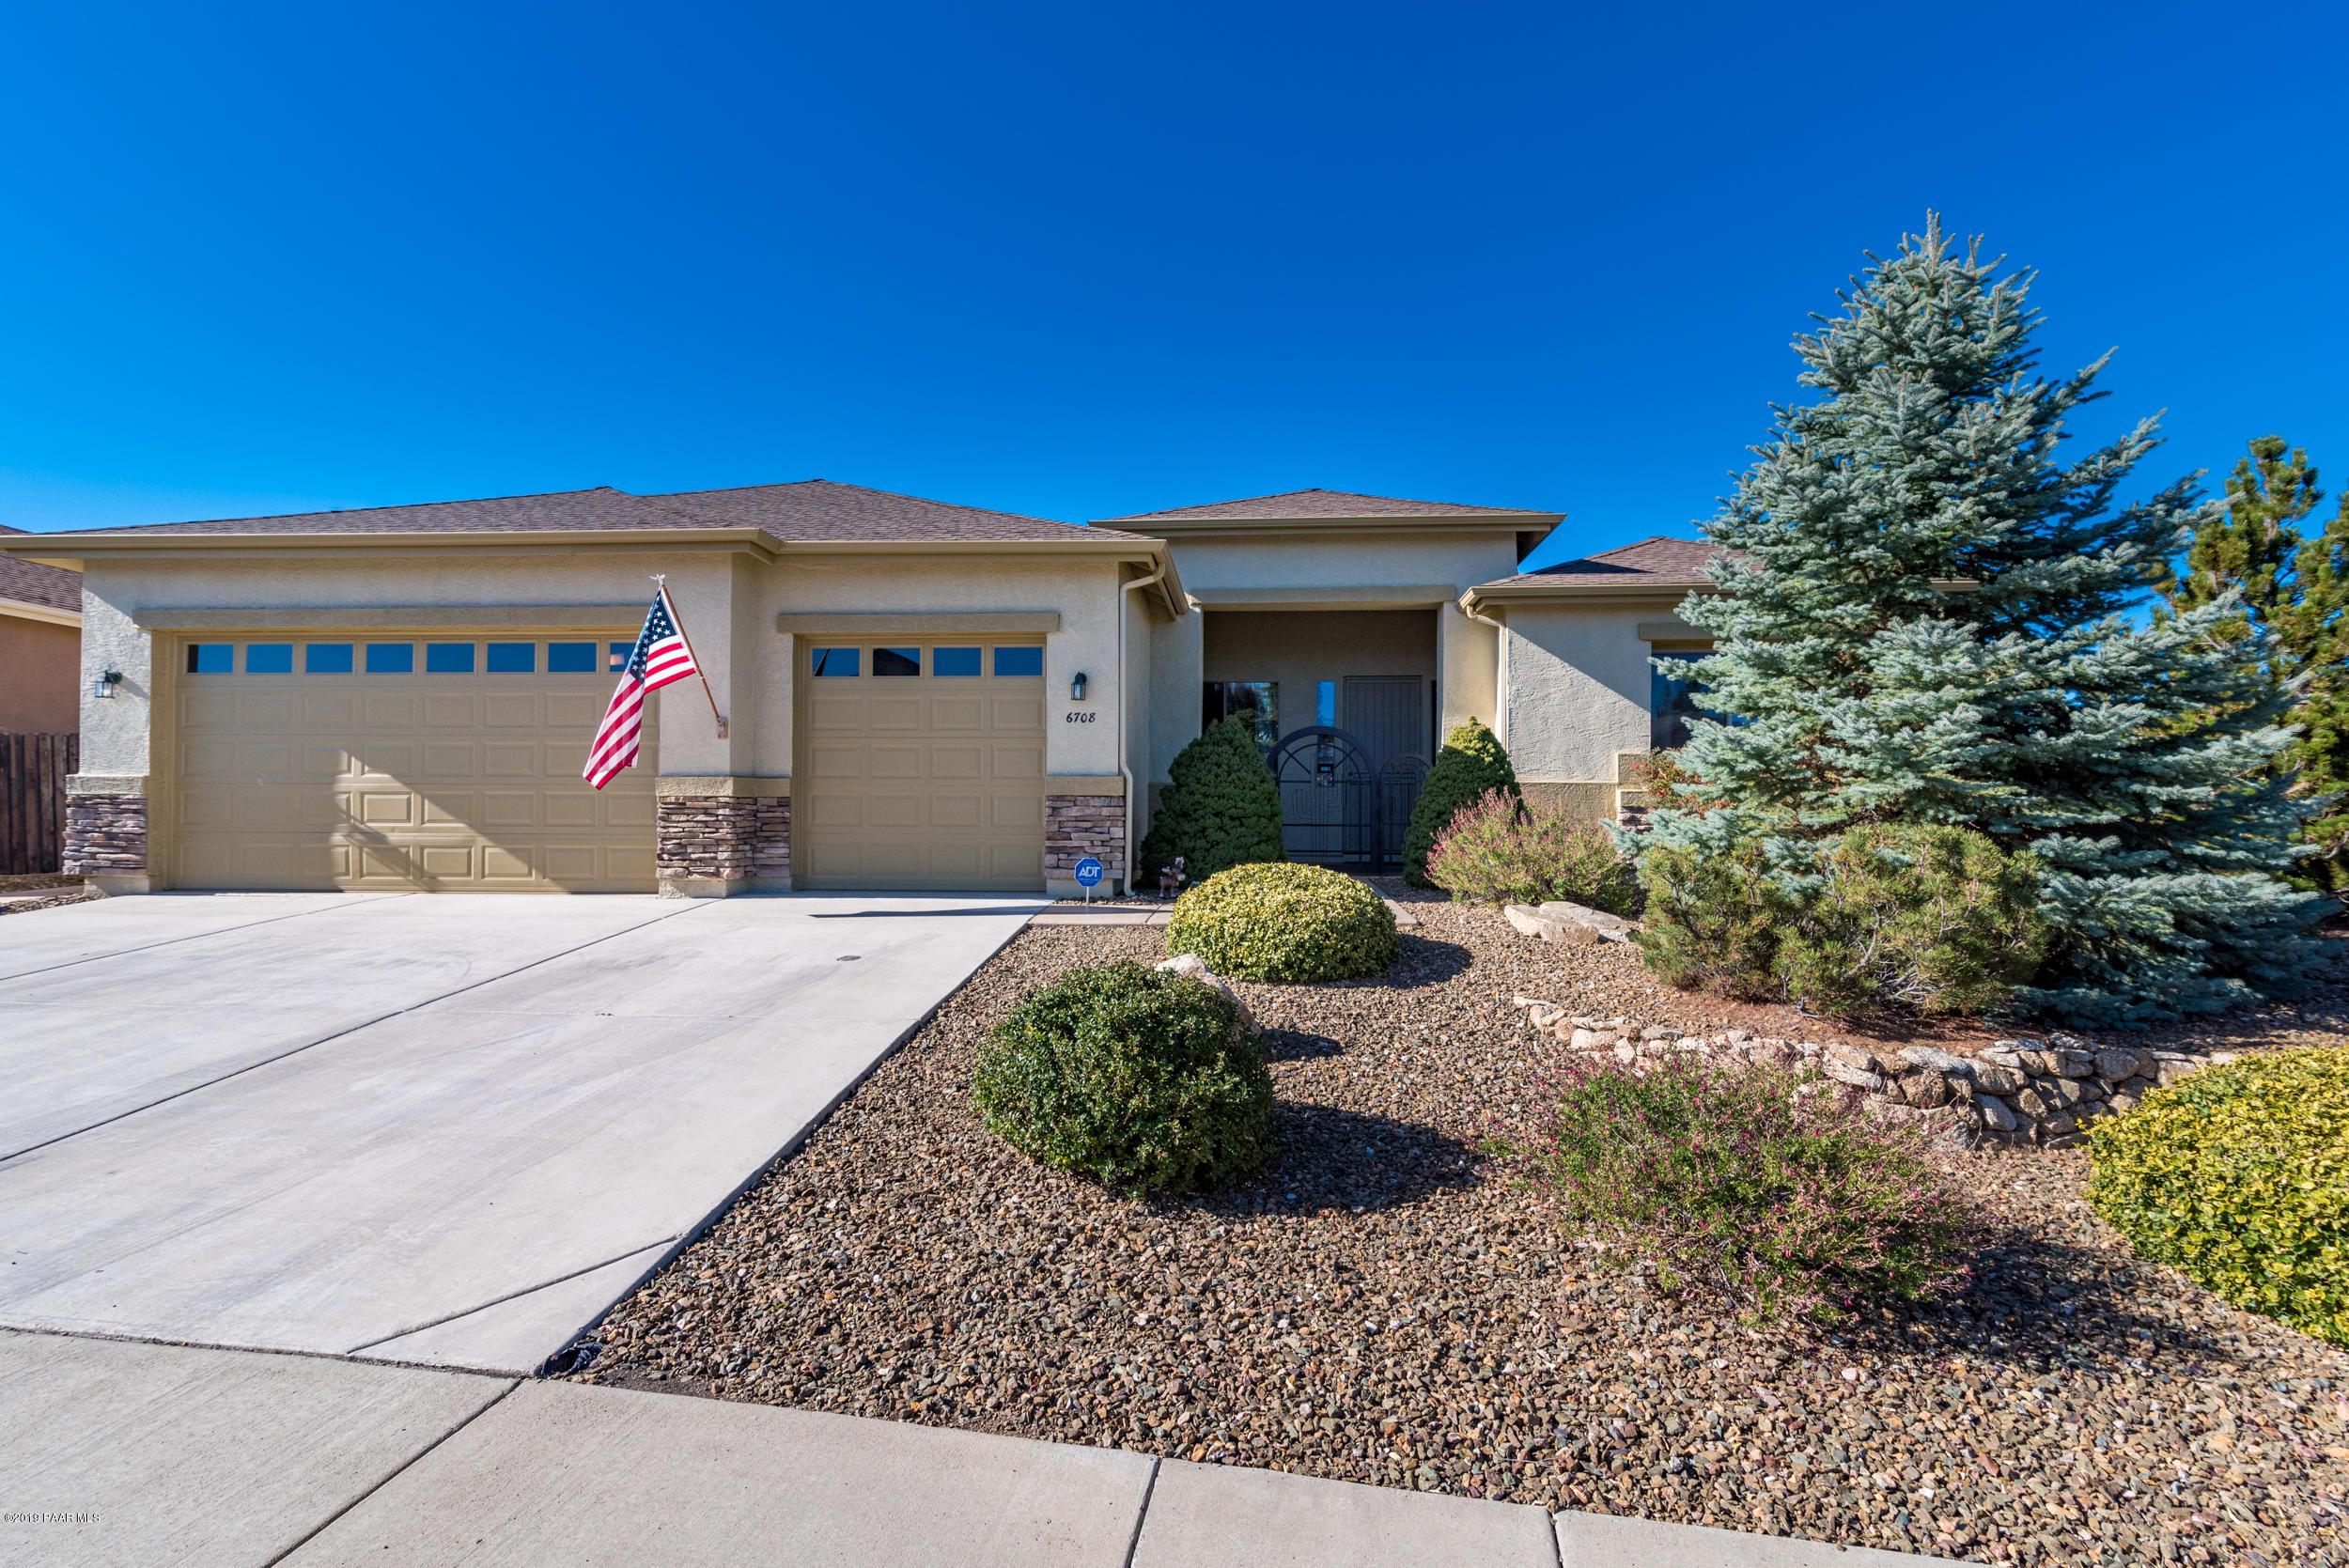 Photo of 6708 Tenby, Prescott Valley, AZ 86314